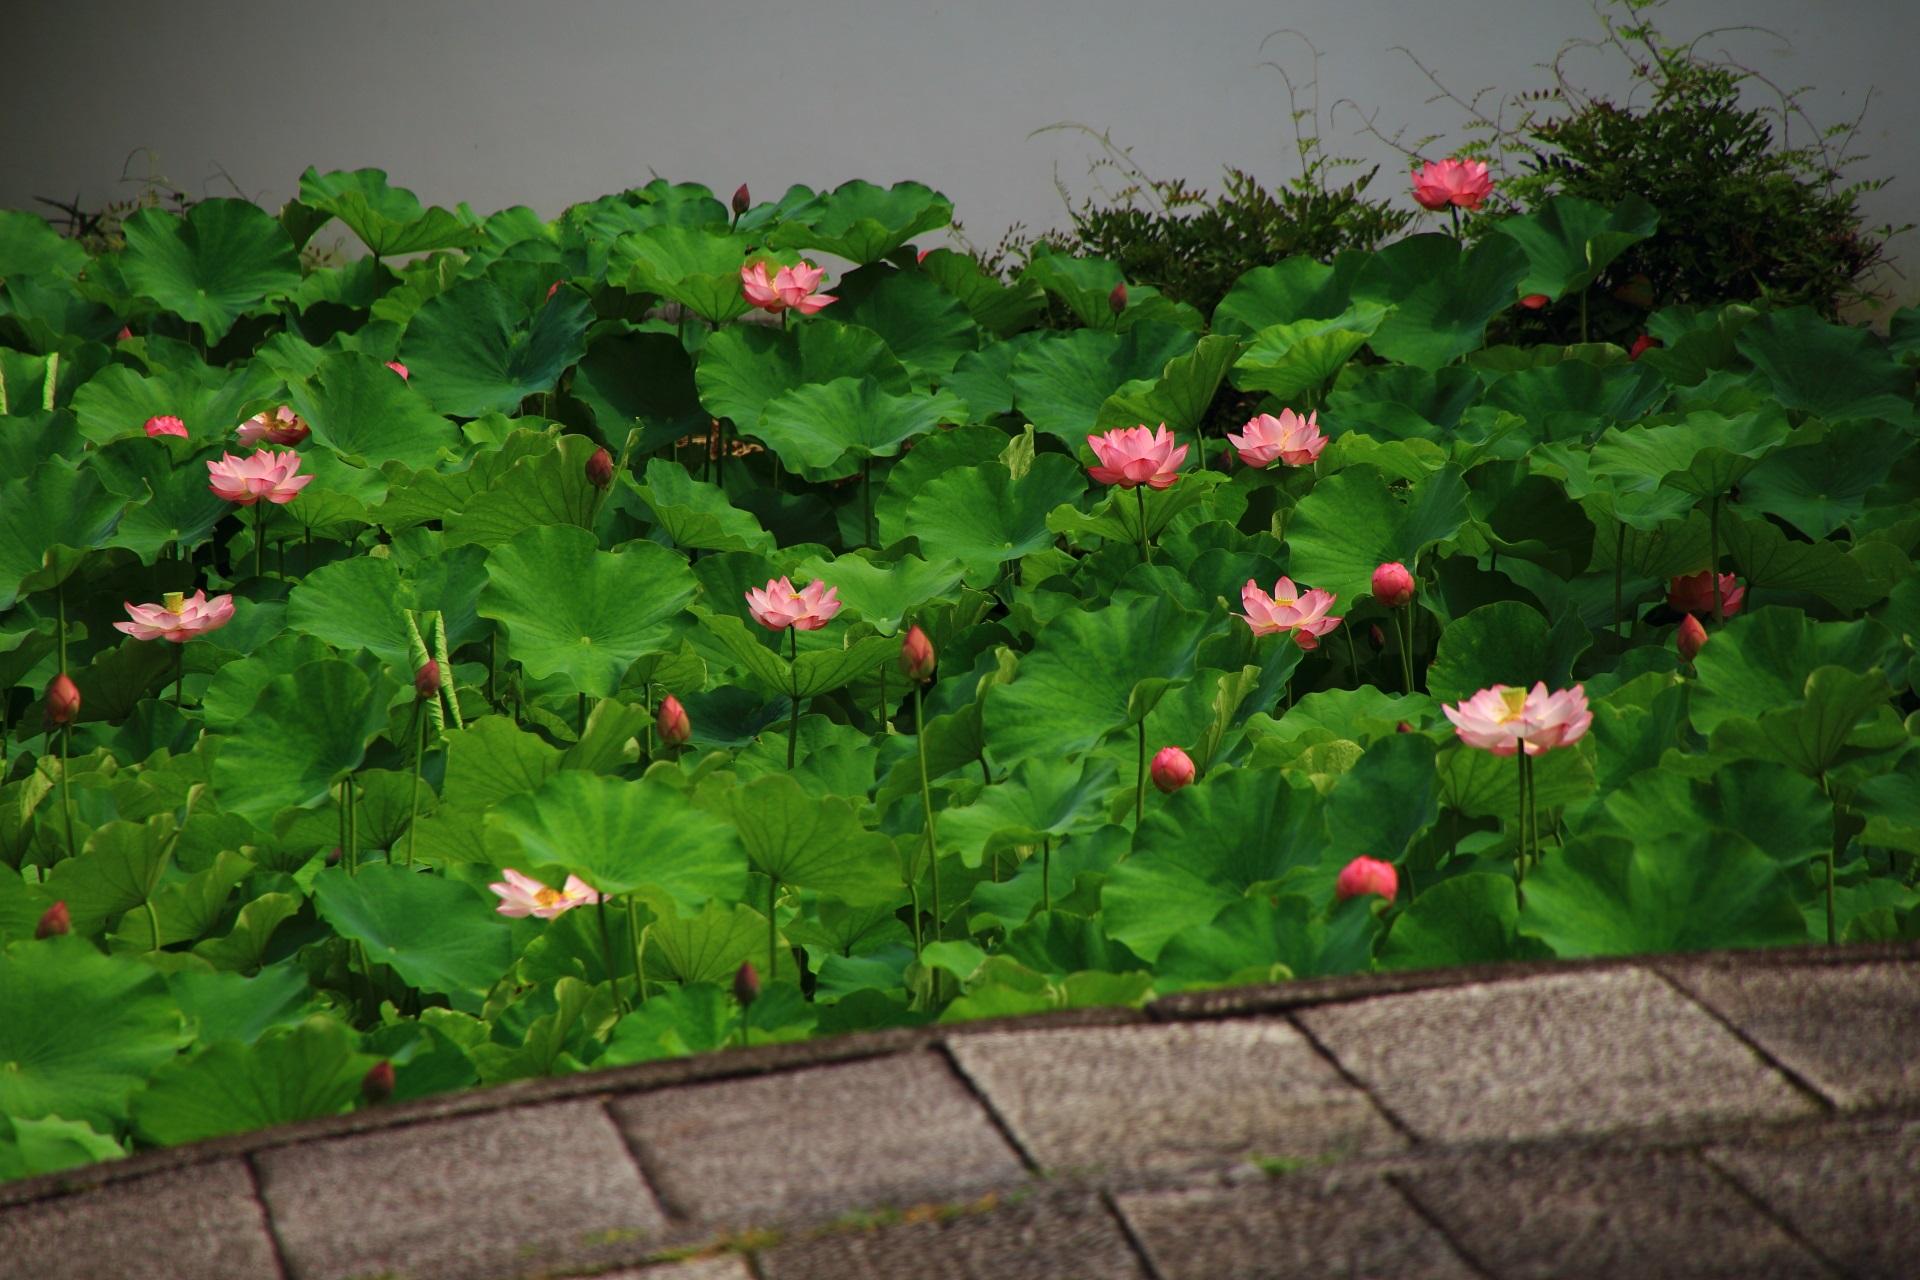 蓮の葉の緑に映える南禅寺の華やかなピンクの蓮の花